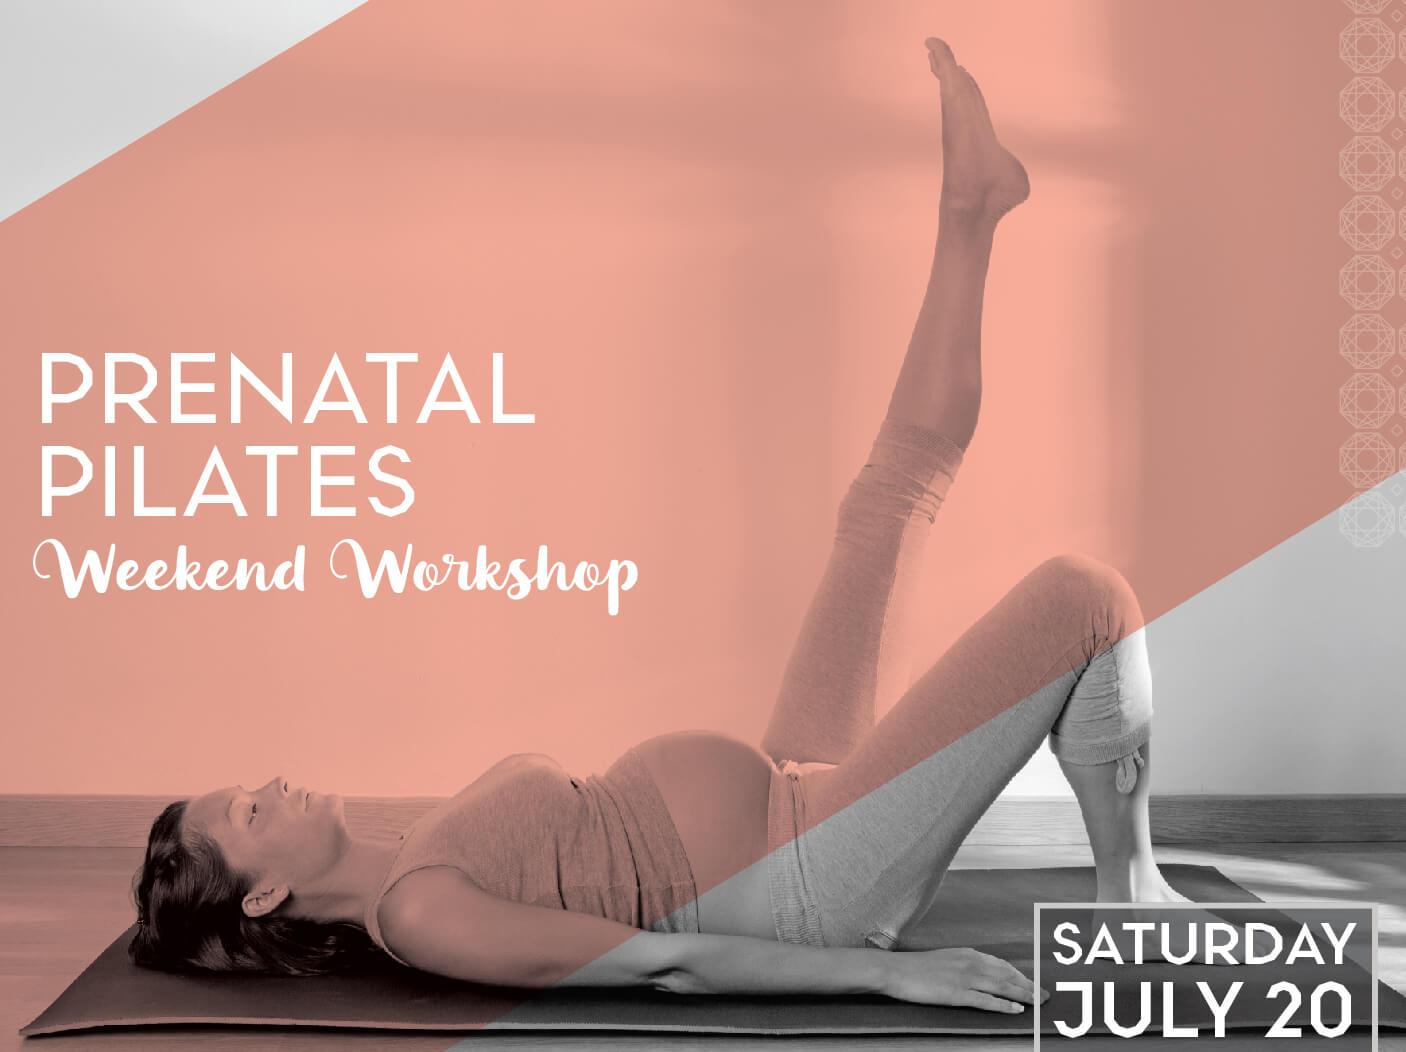 Prenatal Pilates: Weekend Workshop